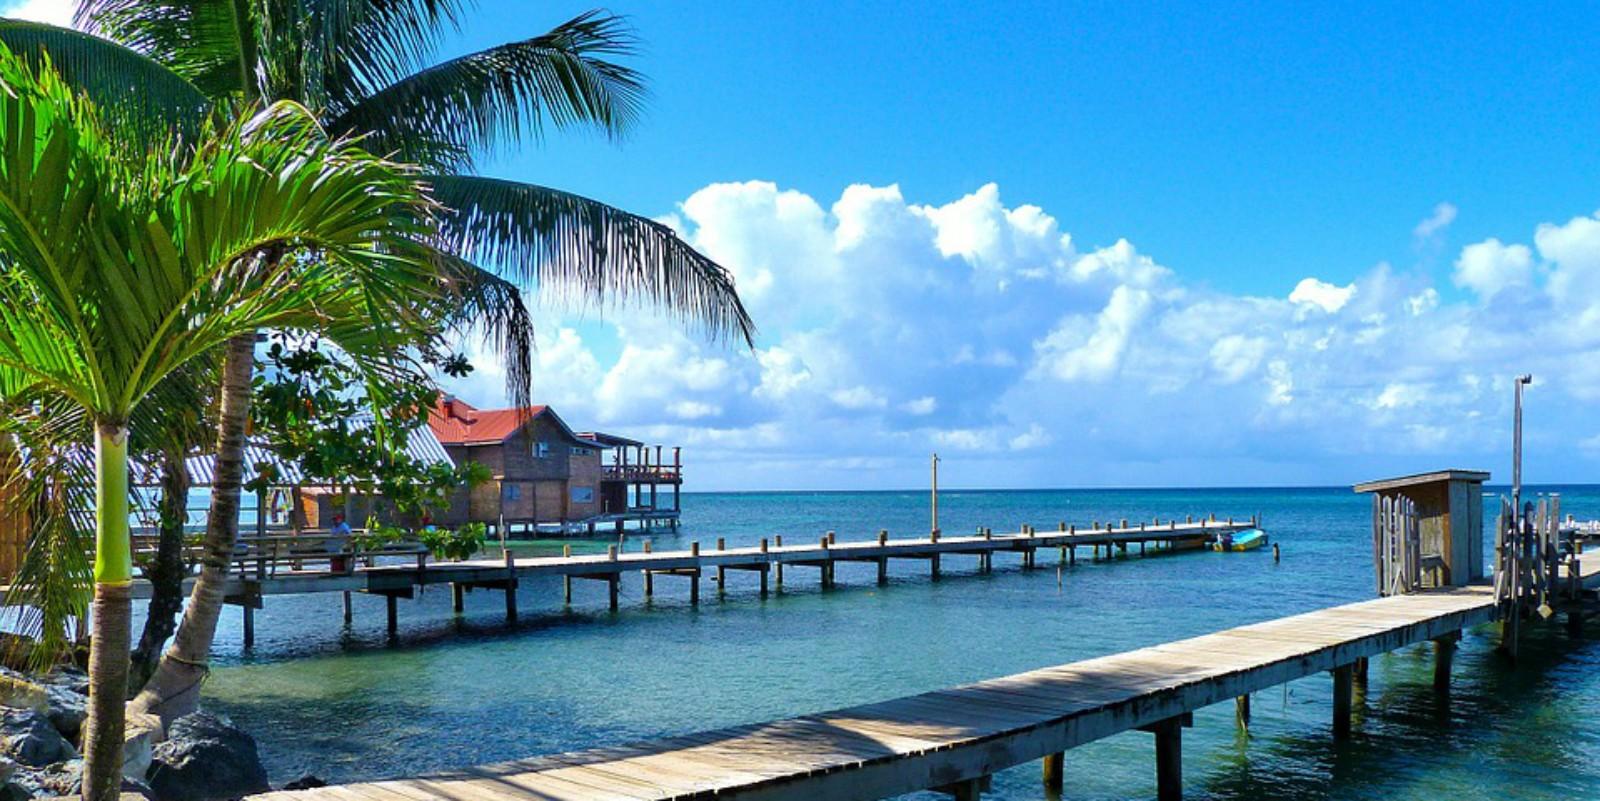 Vakantie naar Honduras